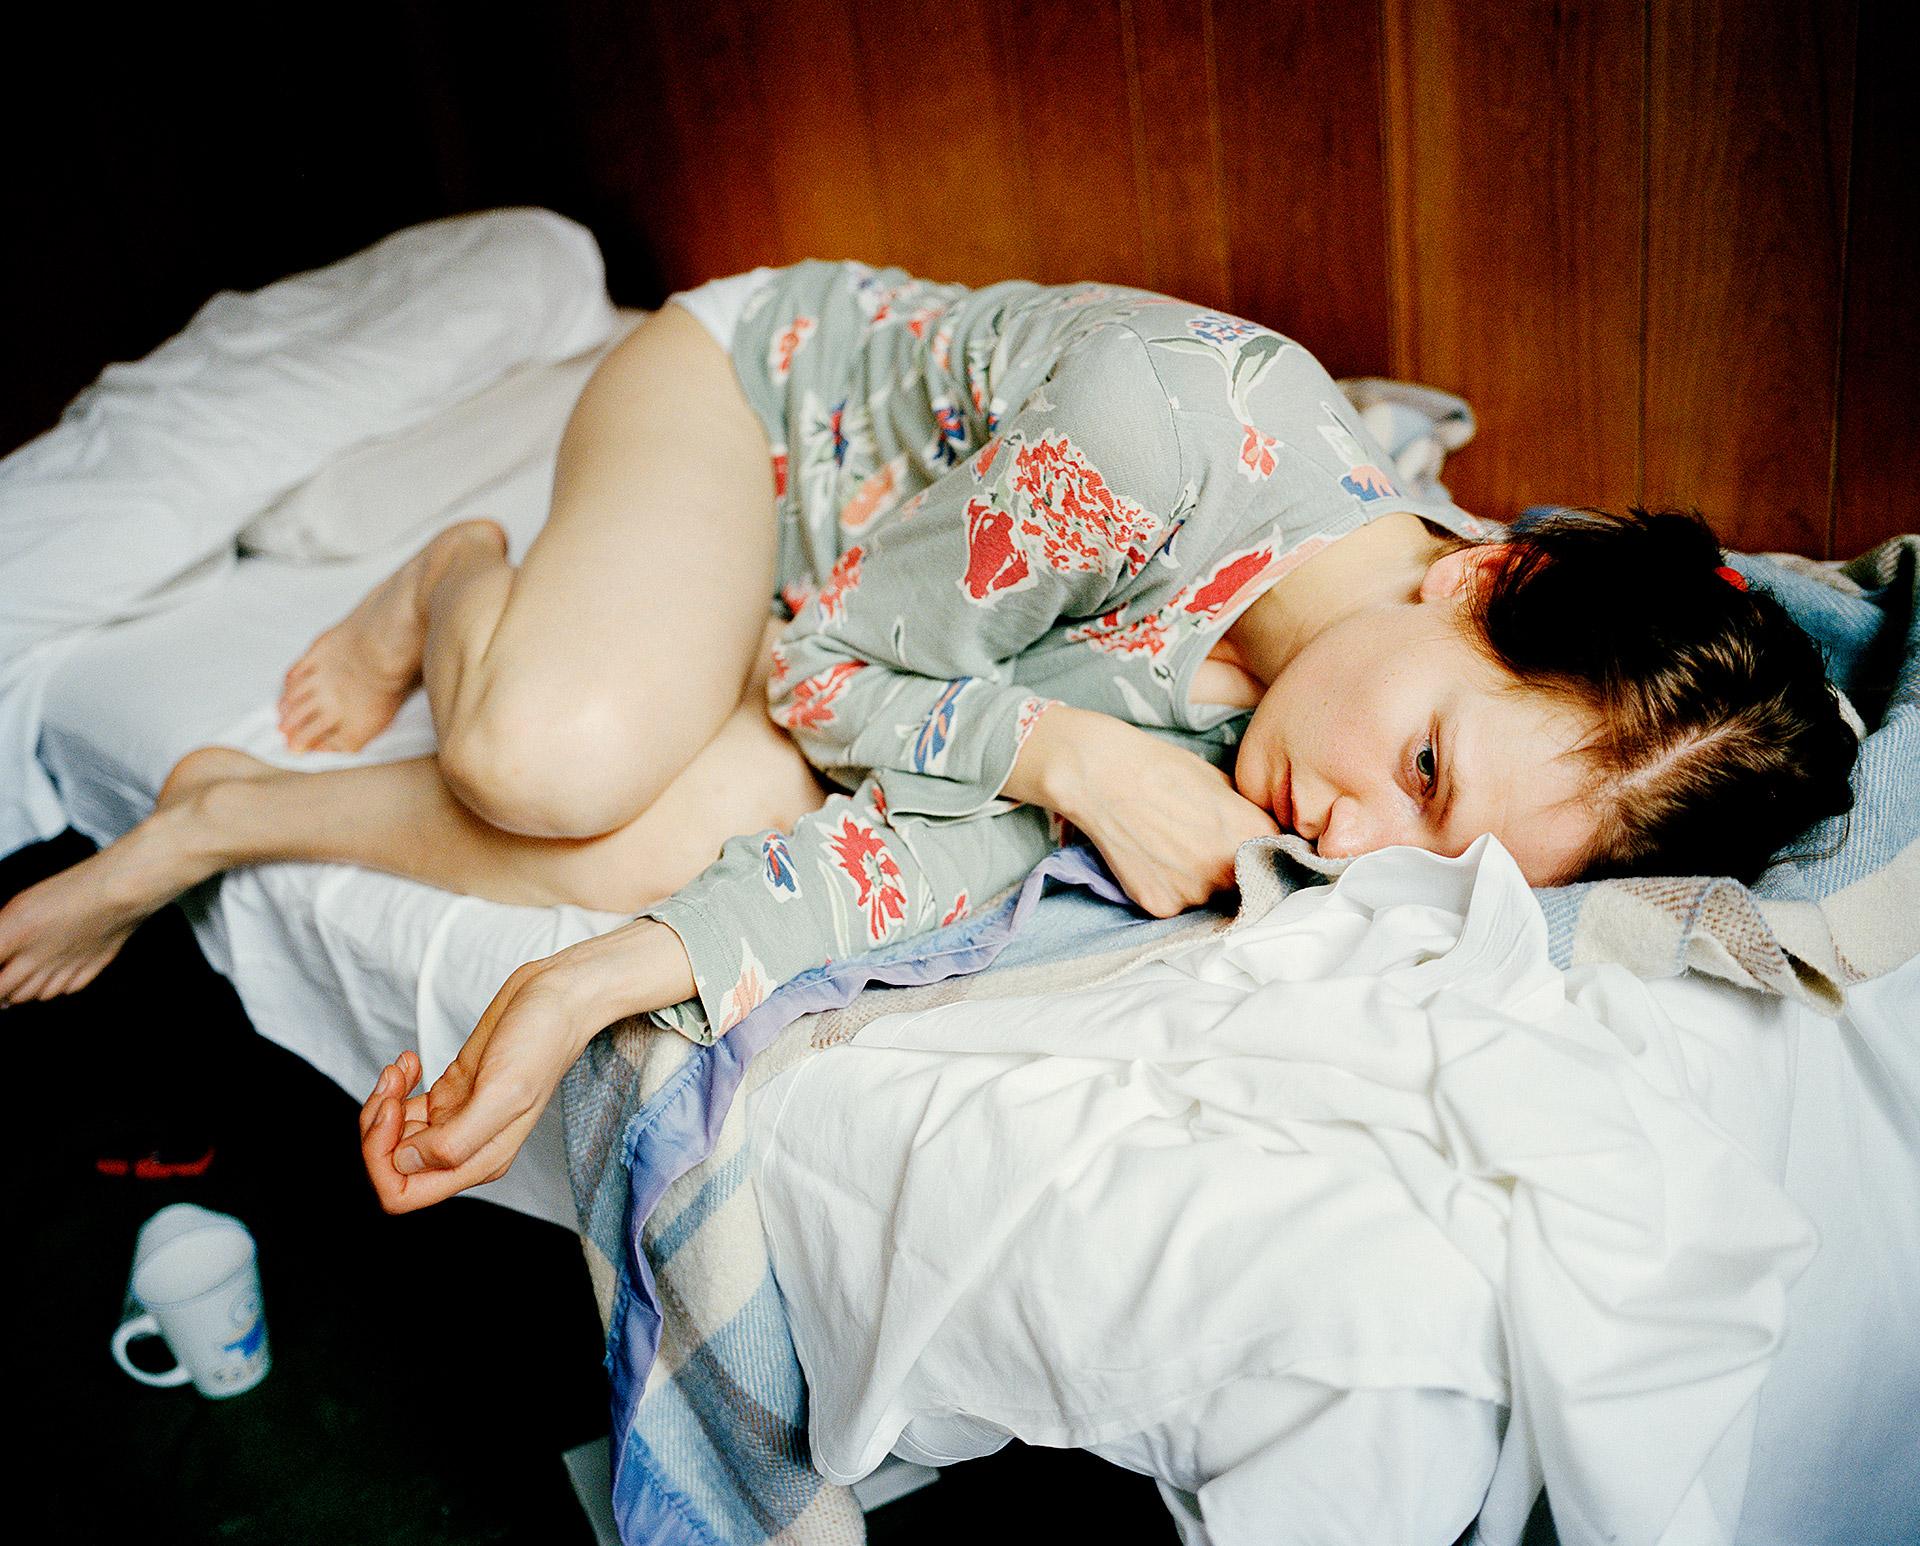 Aino_waking_up_1920px